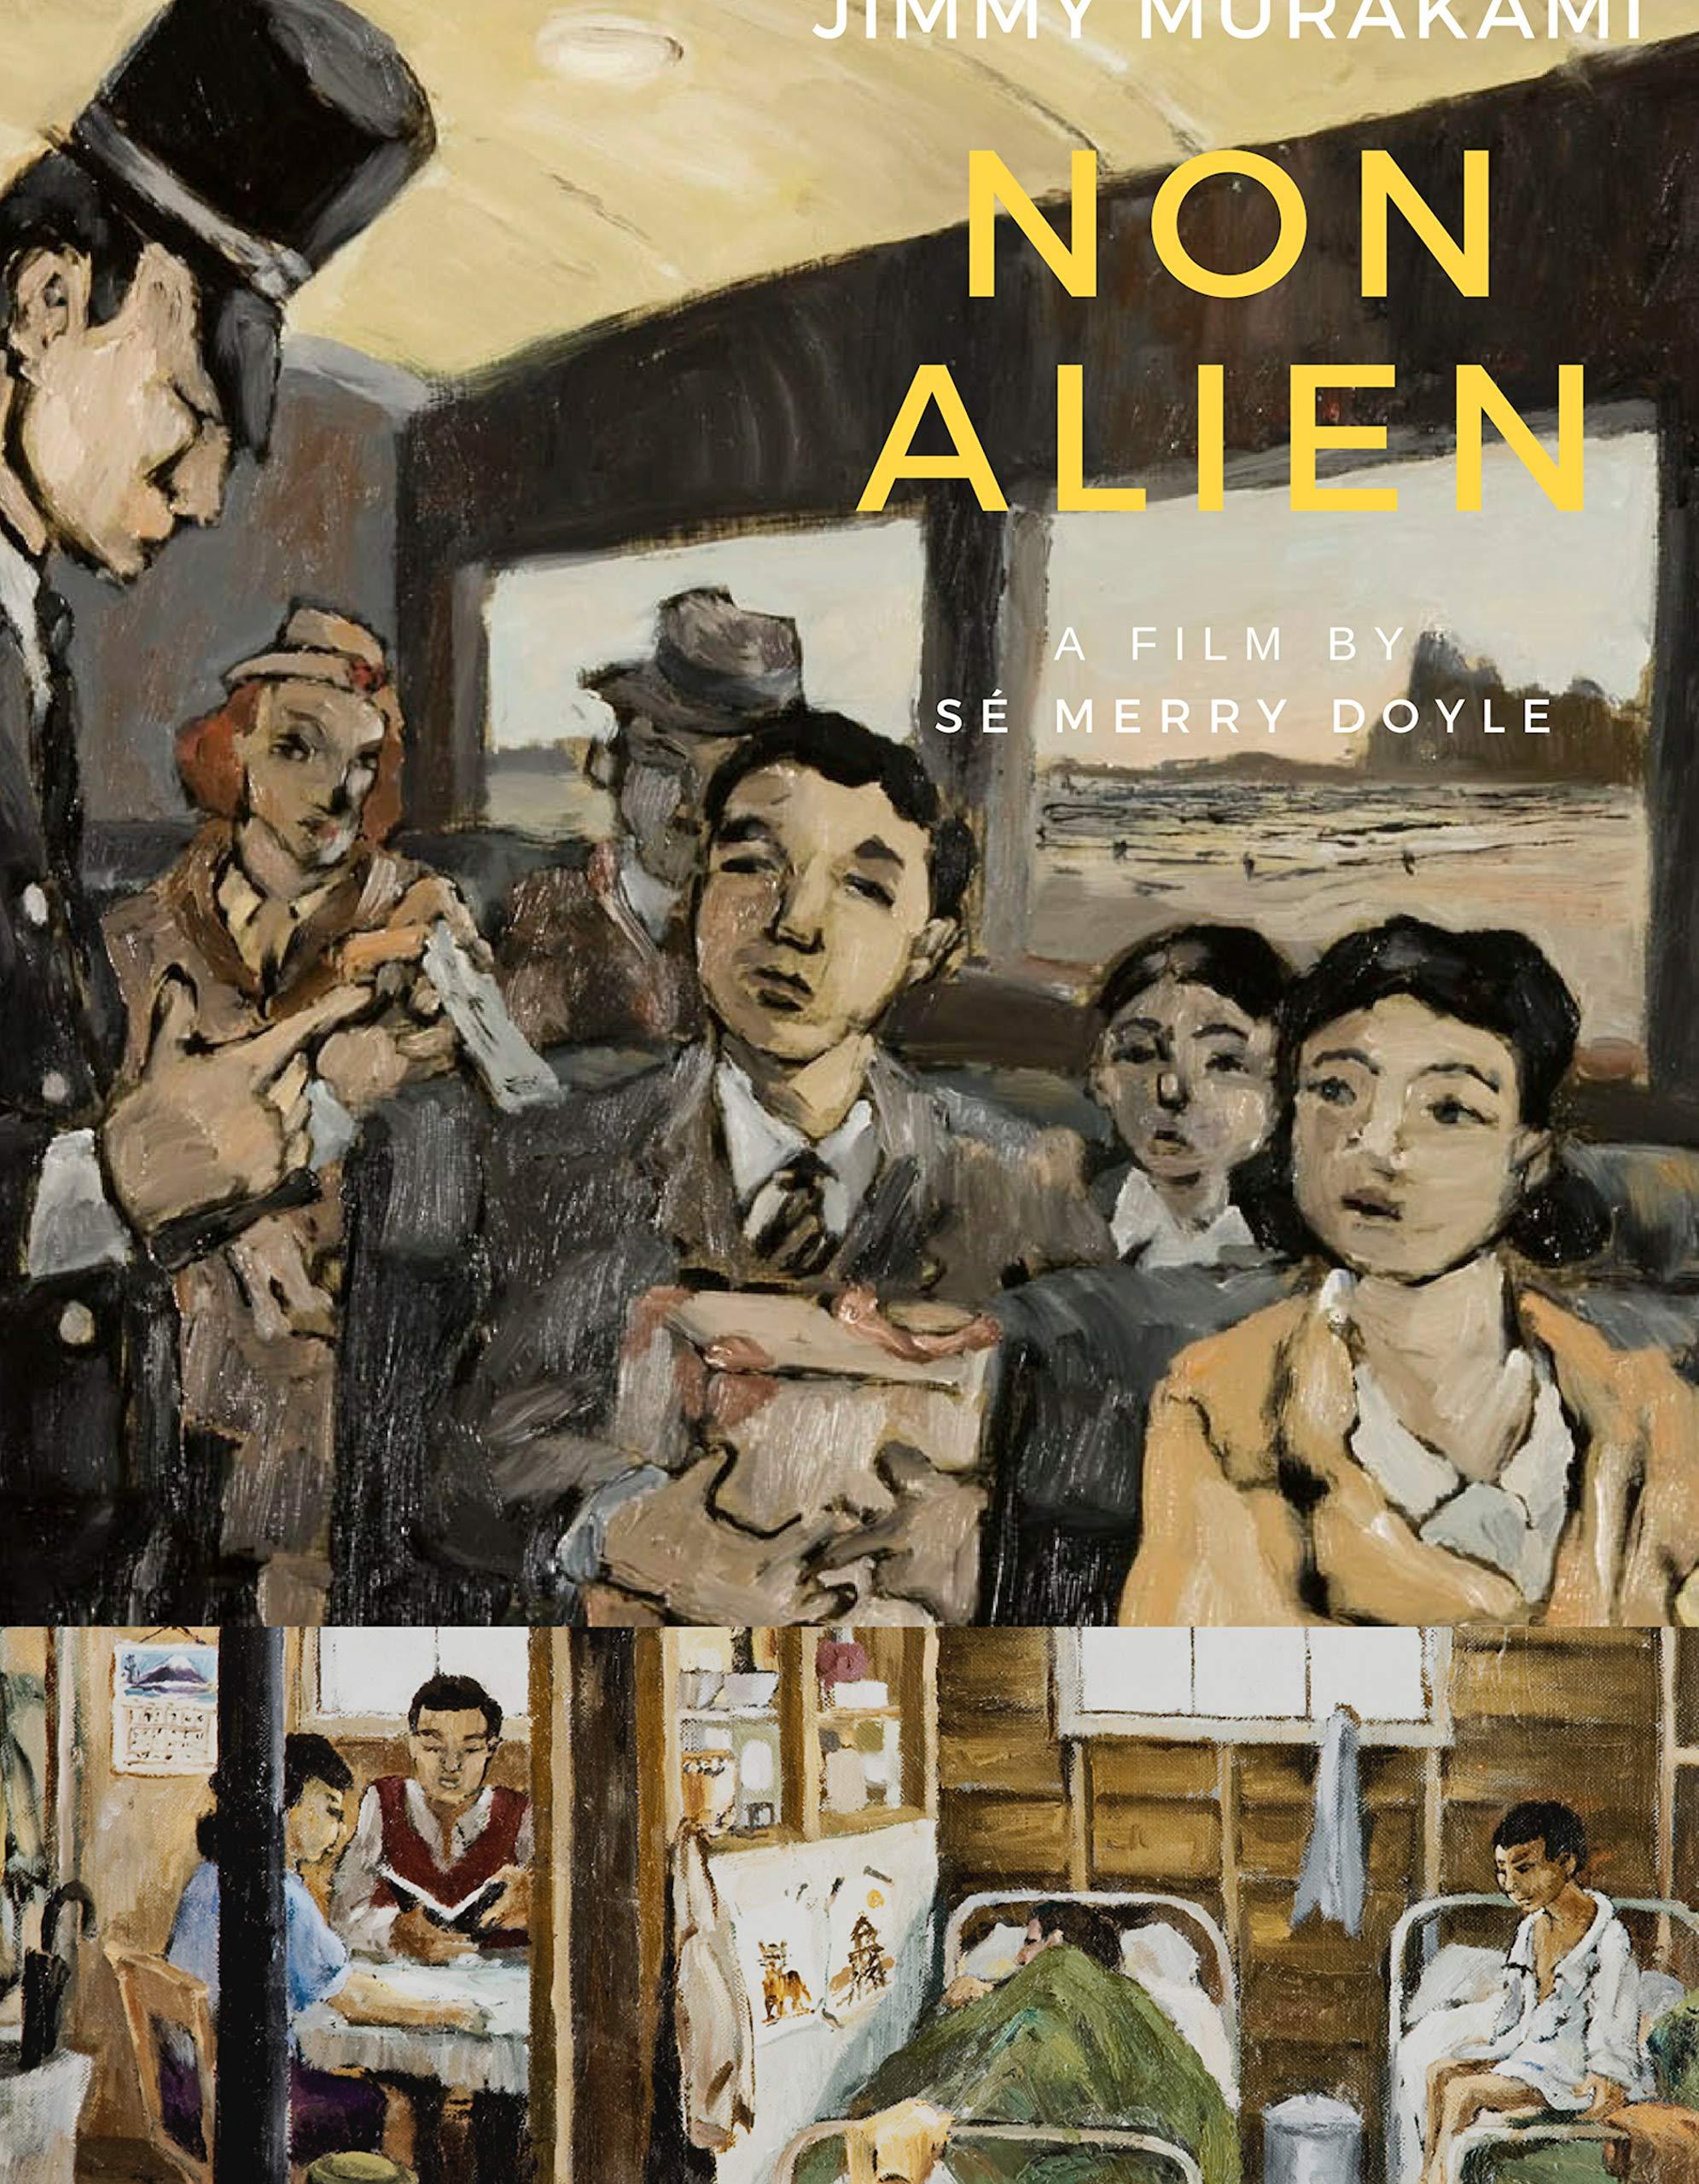 Jimmy Murakami - Non Alien on Amazon Prime Video UK